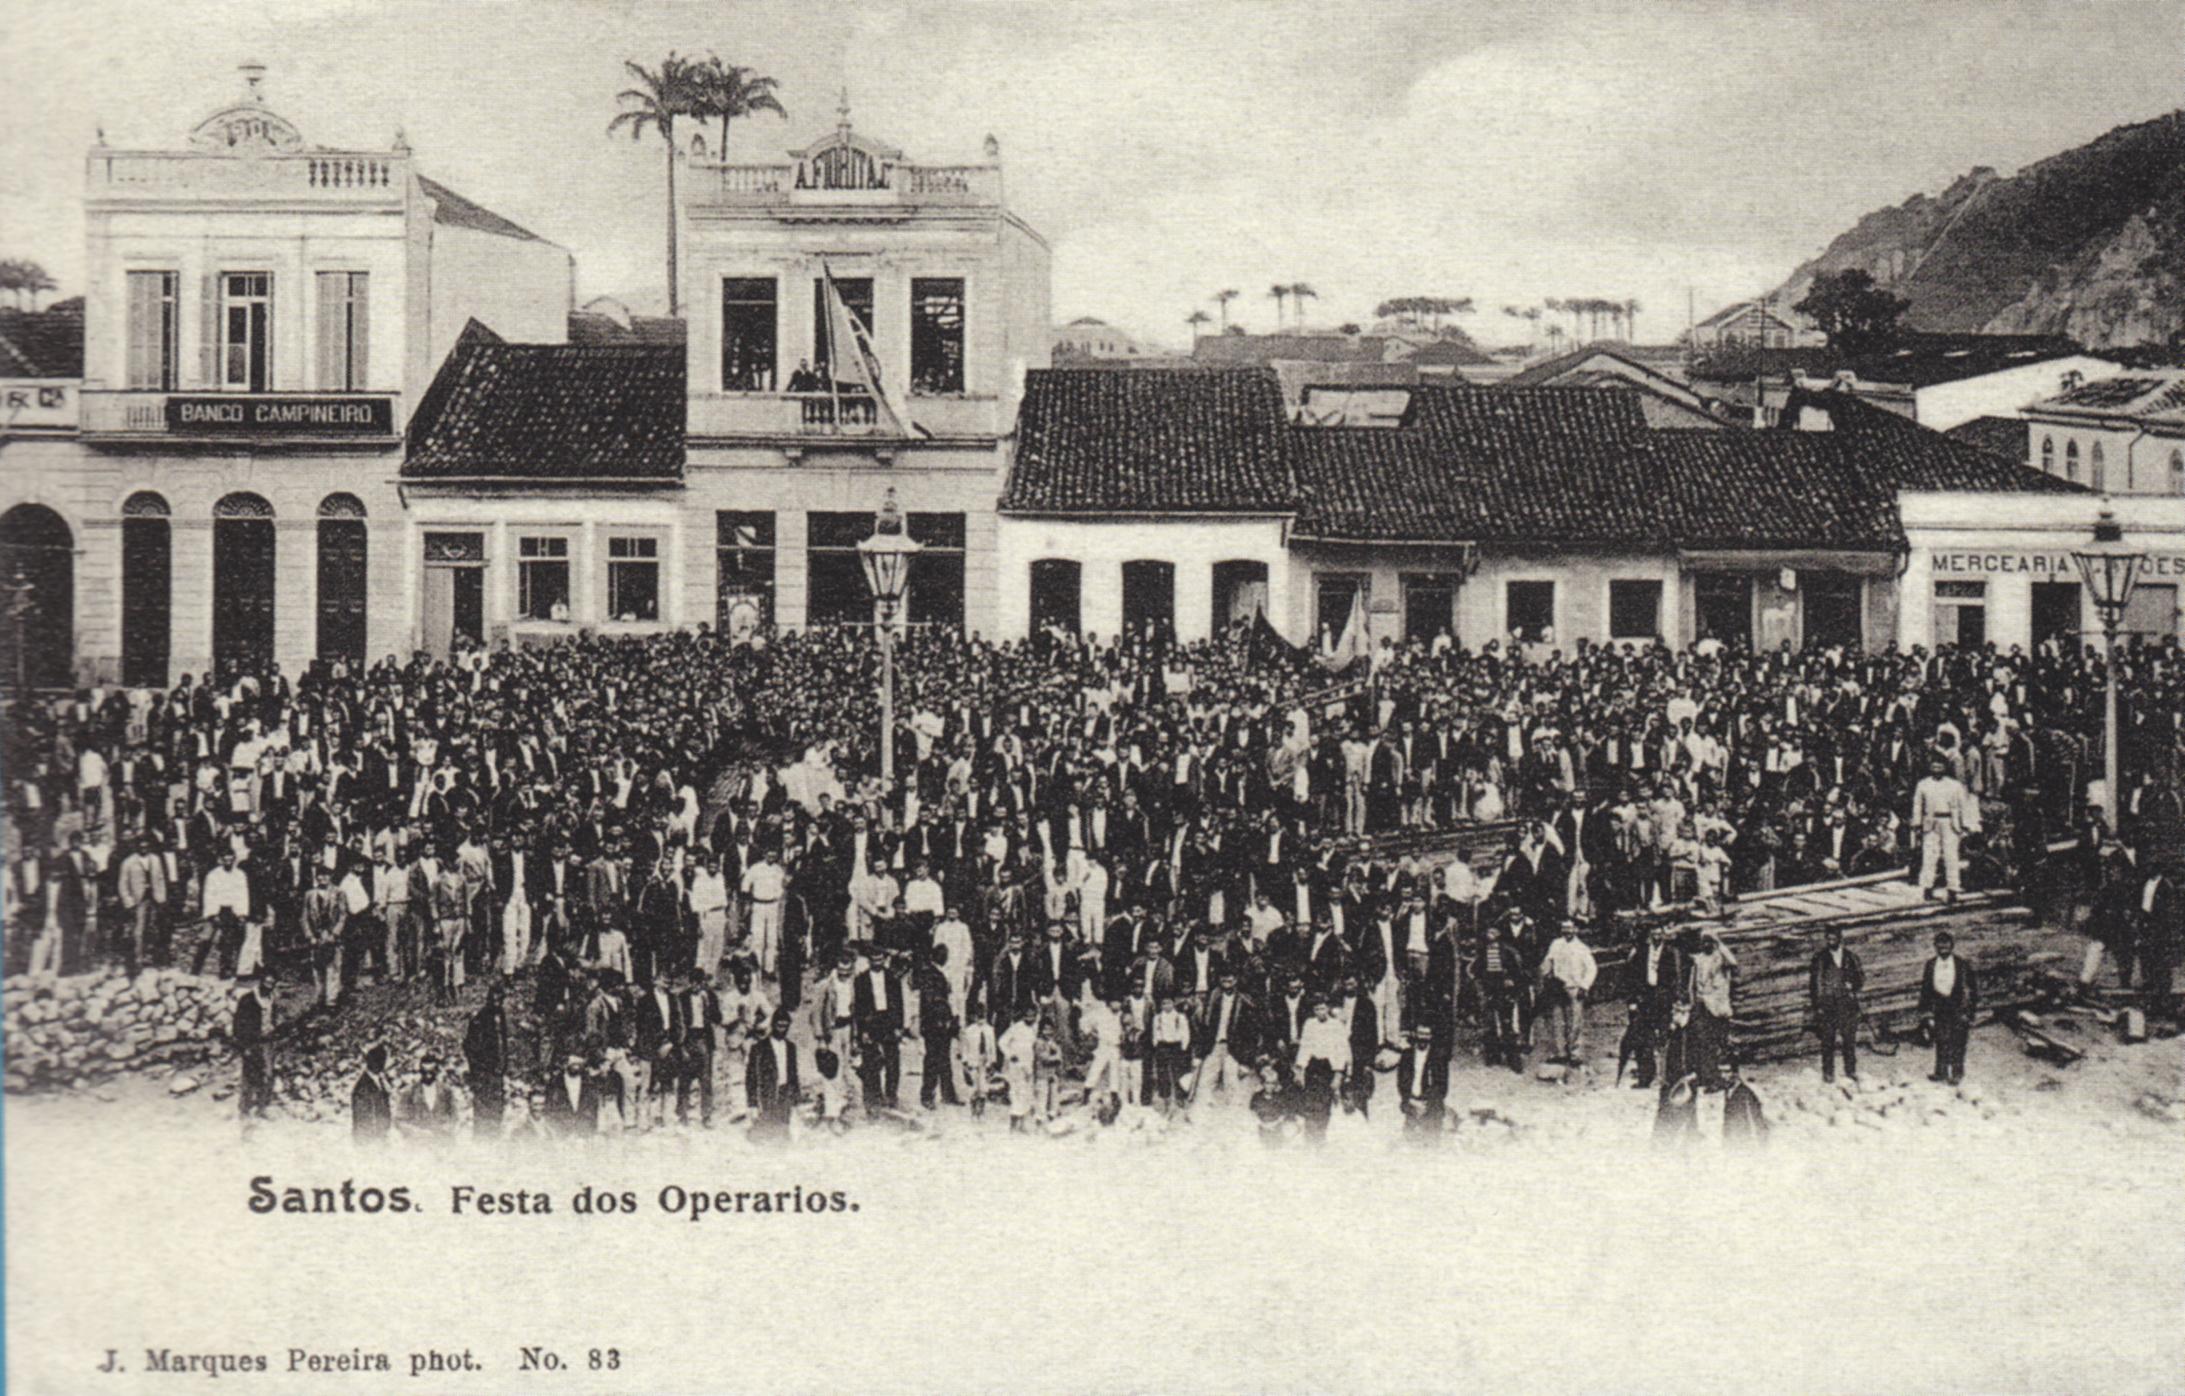 A imagem é de uma festa, mas poderia retratar muito bem as mobilizações operárias realizadas no final do Século XIX na agitada cidade portuária de Santos.